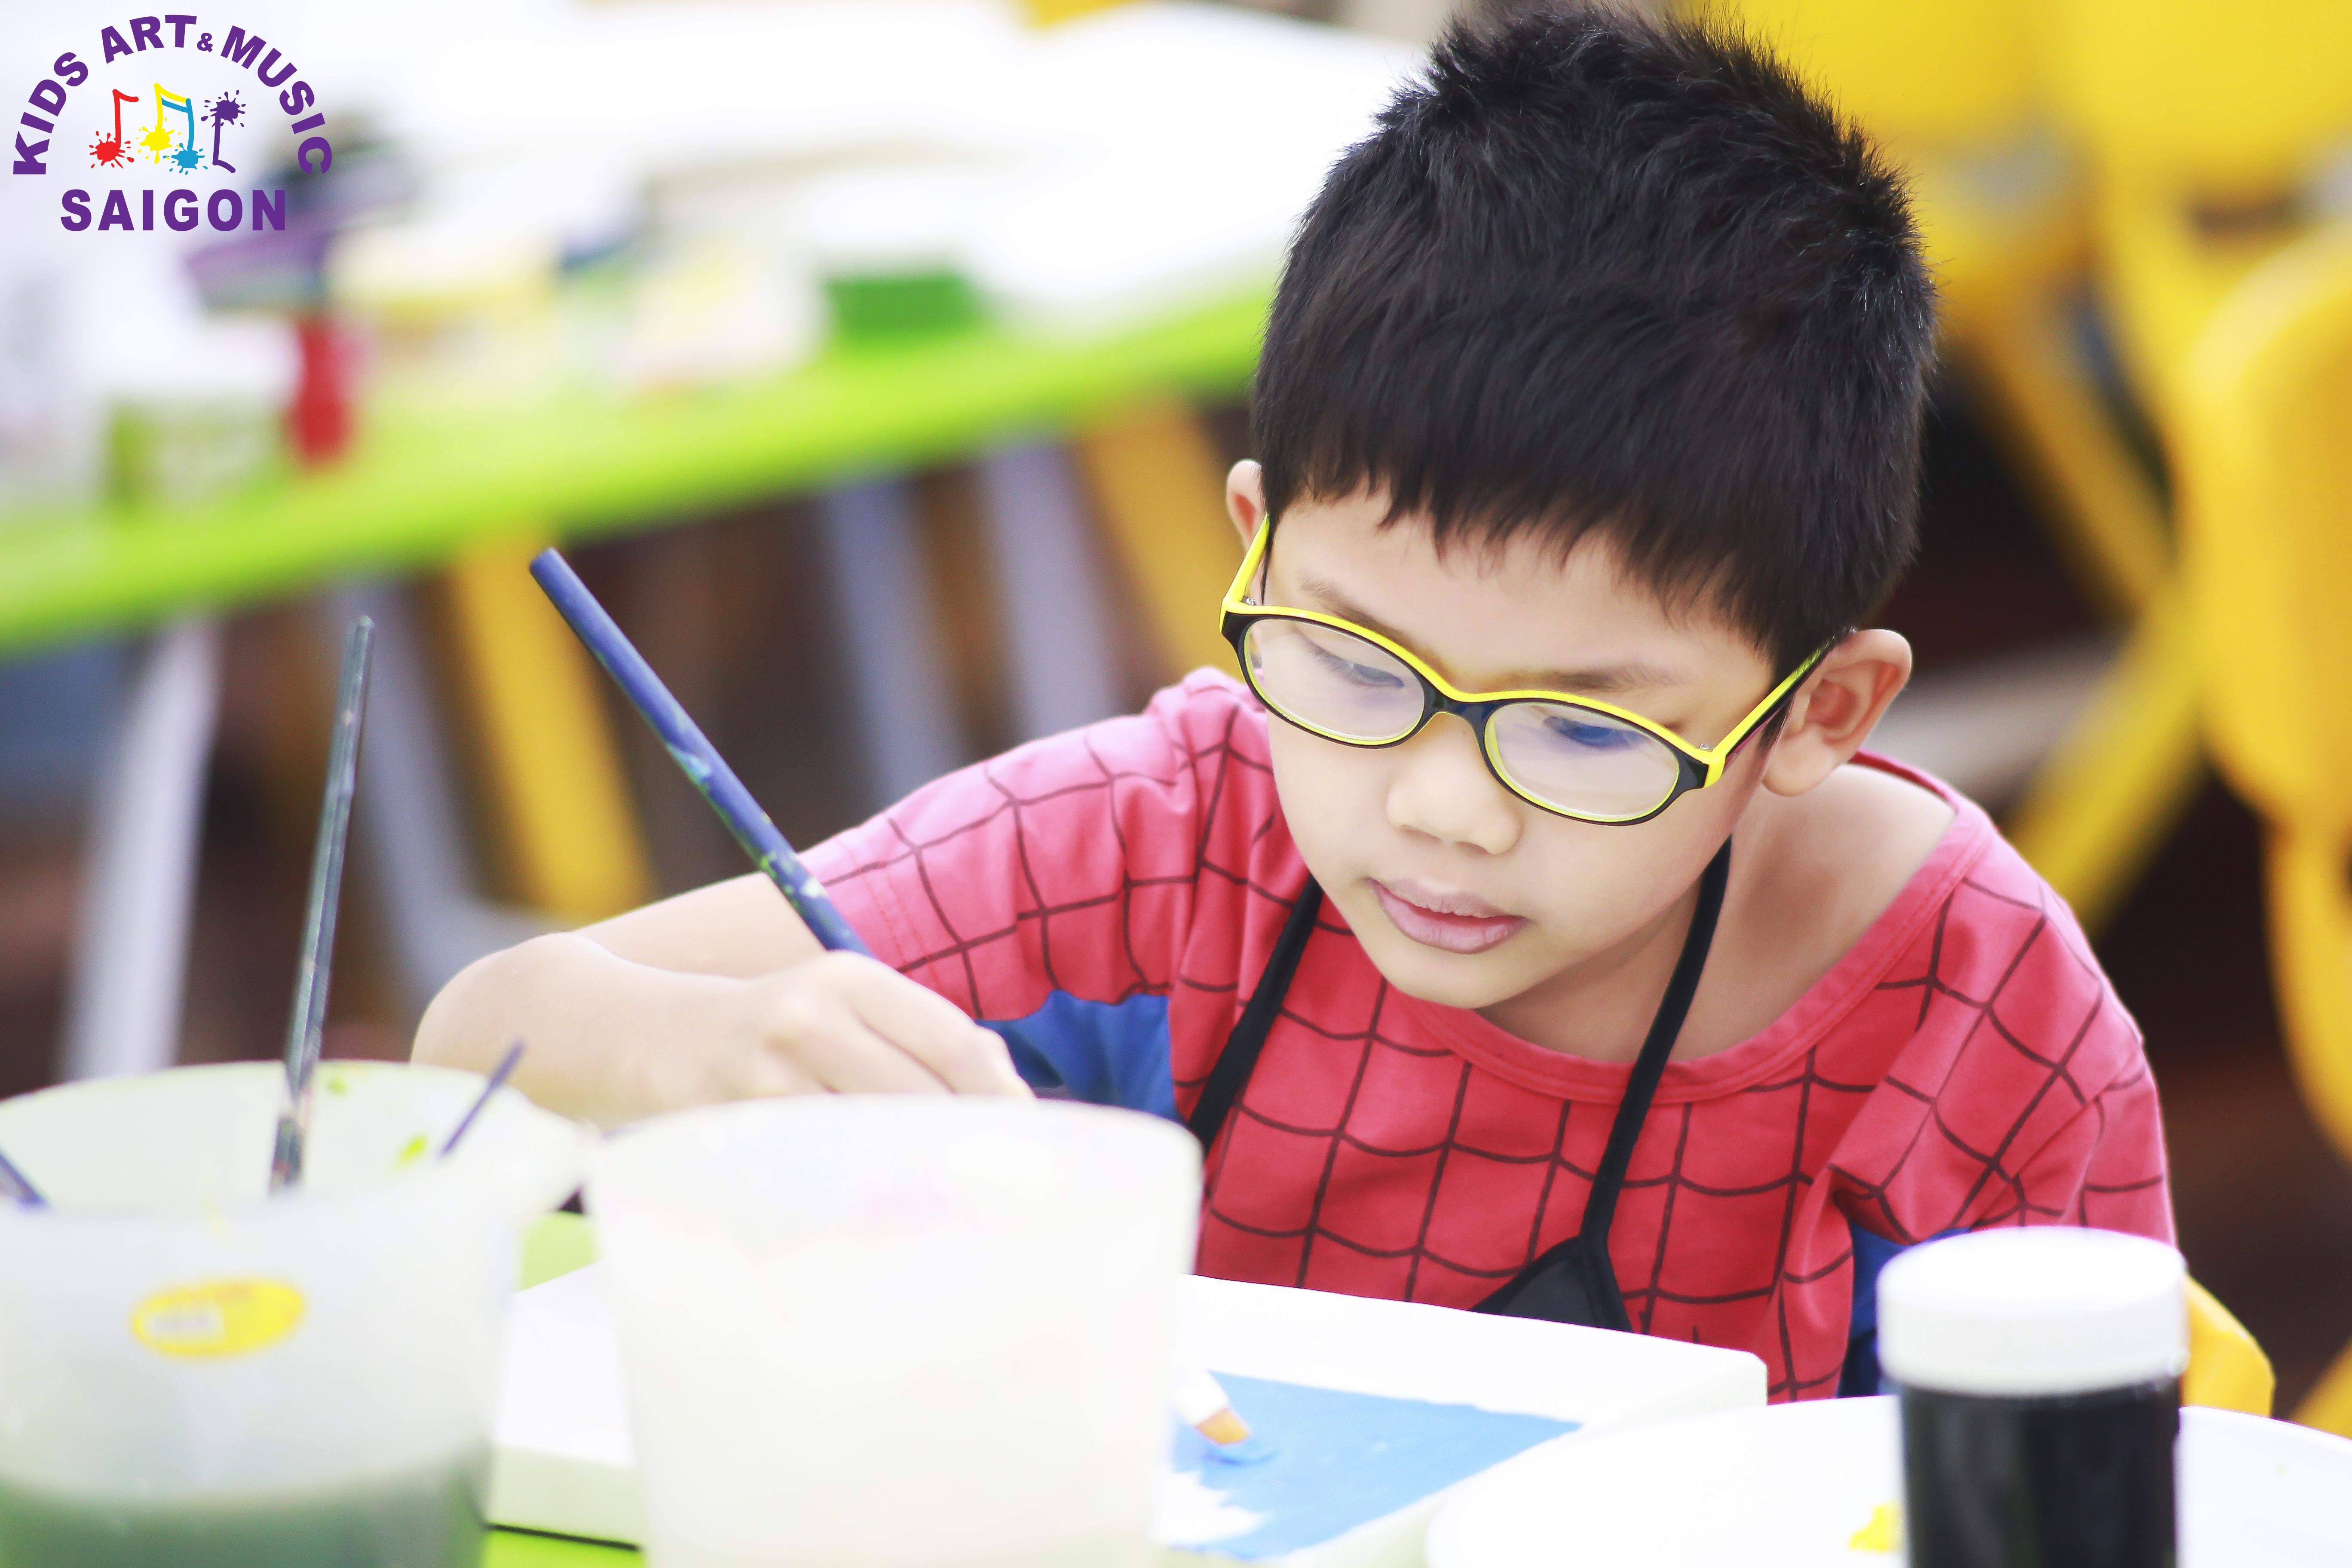 Lớp dạy vẽ cho trẻ em - Kids Art & Music Saigon TP.HCM hình ảnh 4